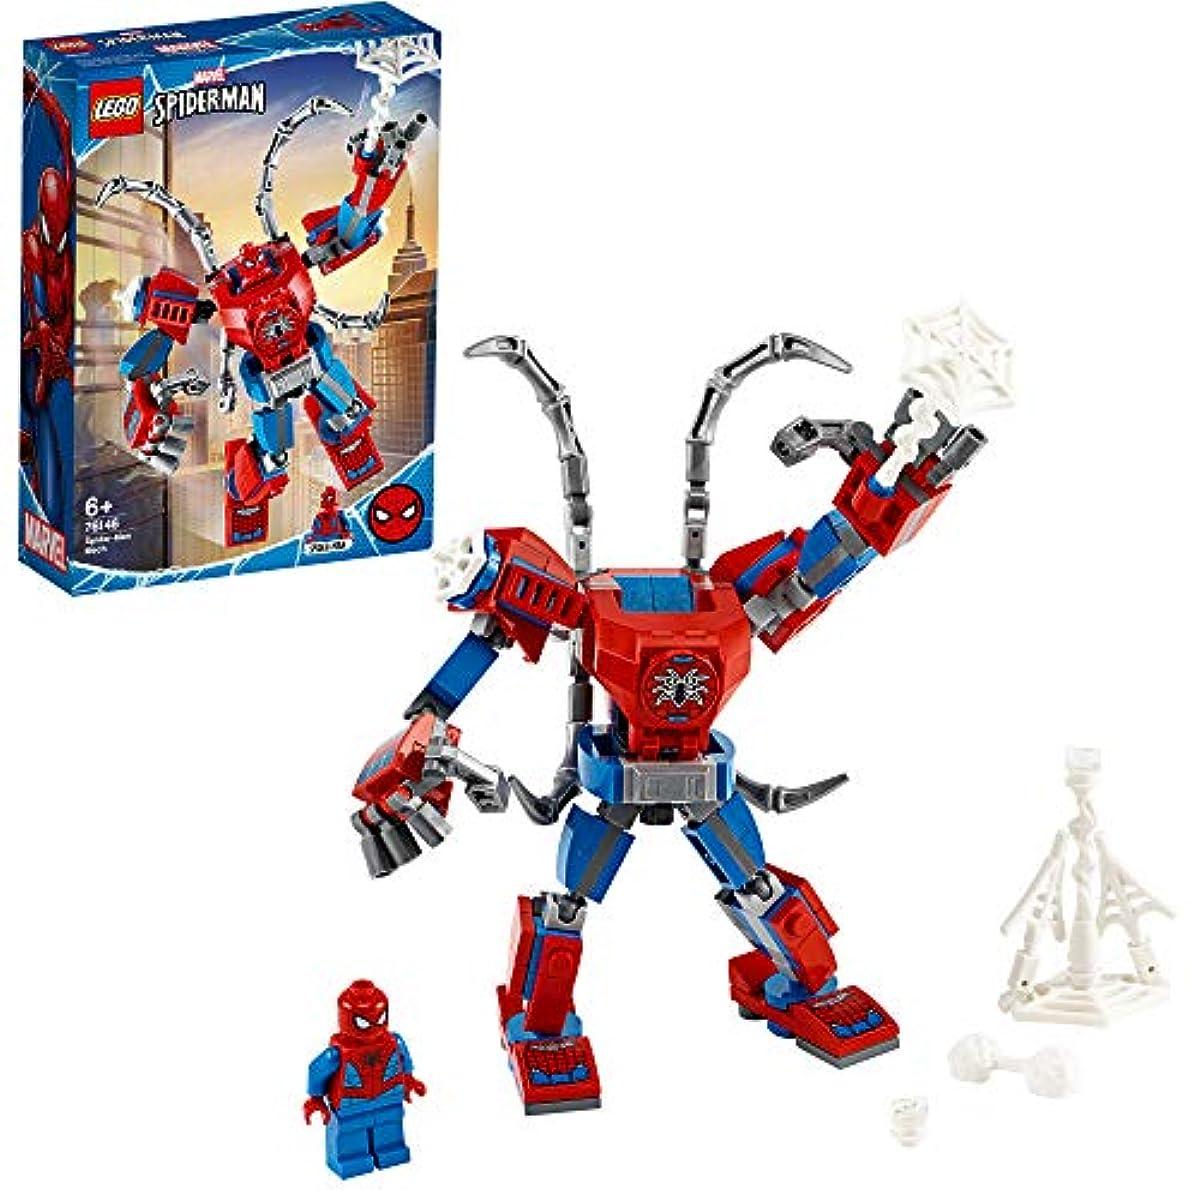 [해외] 레고(LEGO) 슈퍼히어로즈 스파이더맨 맥 로봇 76146